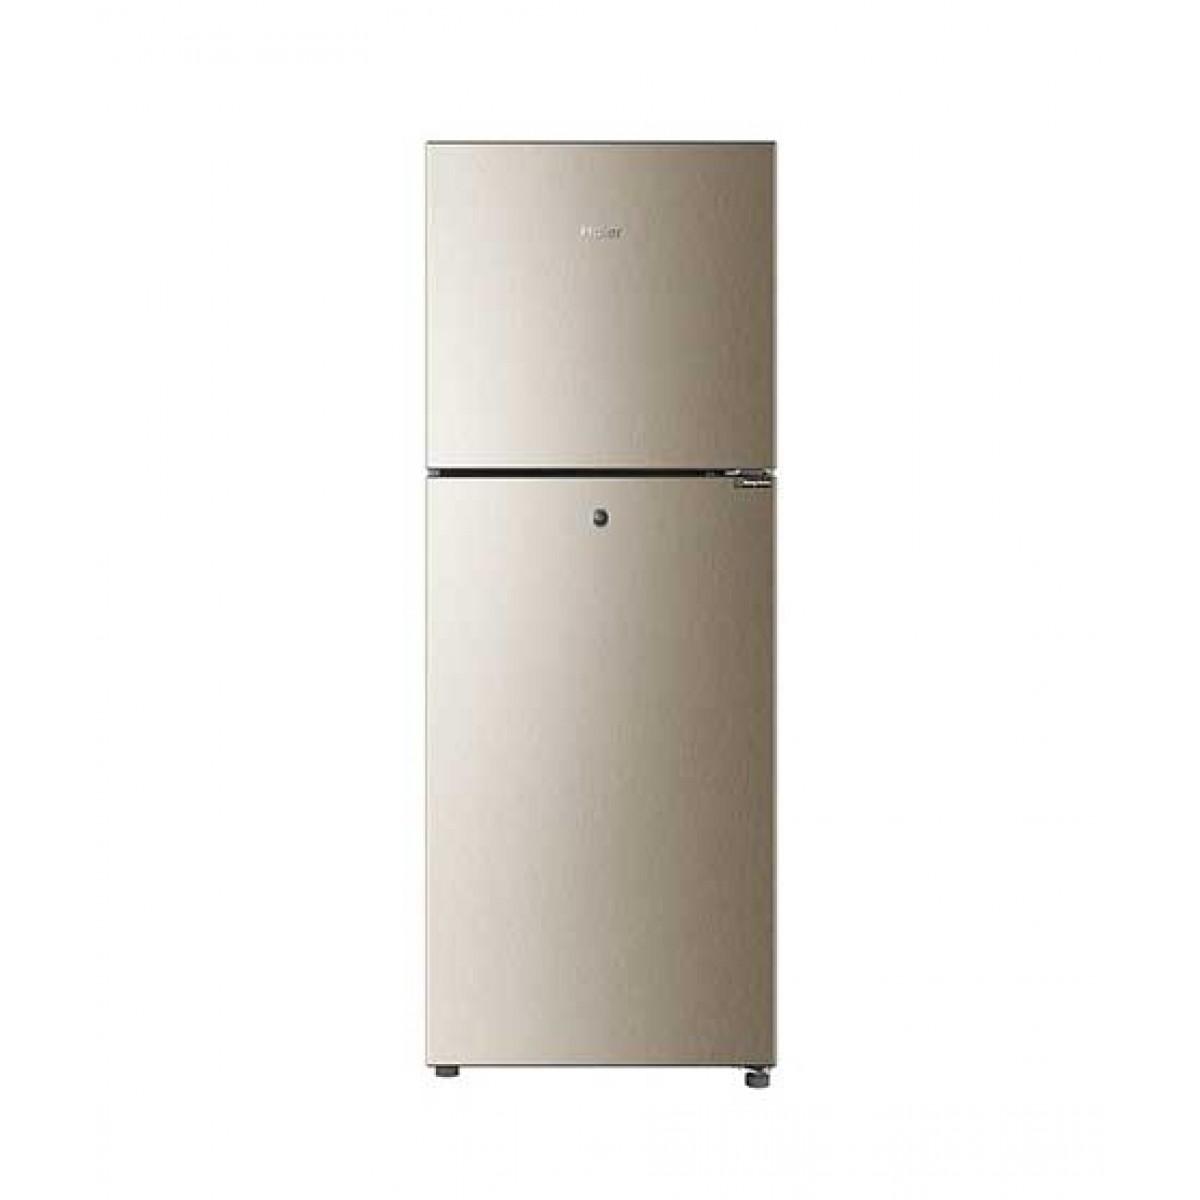 Haier E-Star Freezer-On-Top Refrigerator 8.5 Cu Ft Golden (HRF-276EBD)